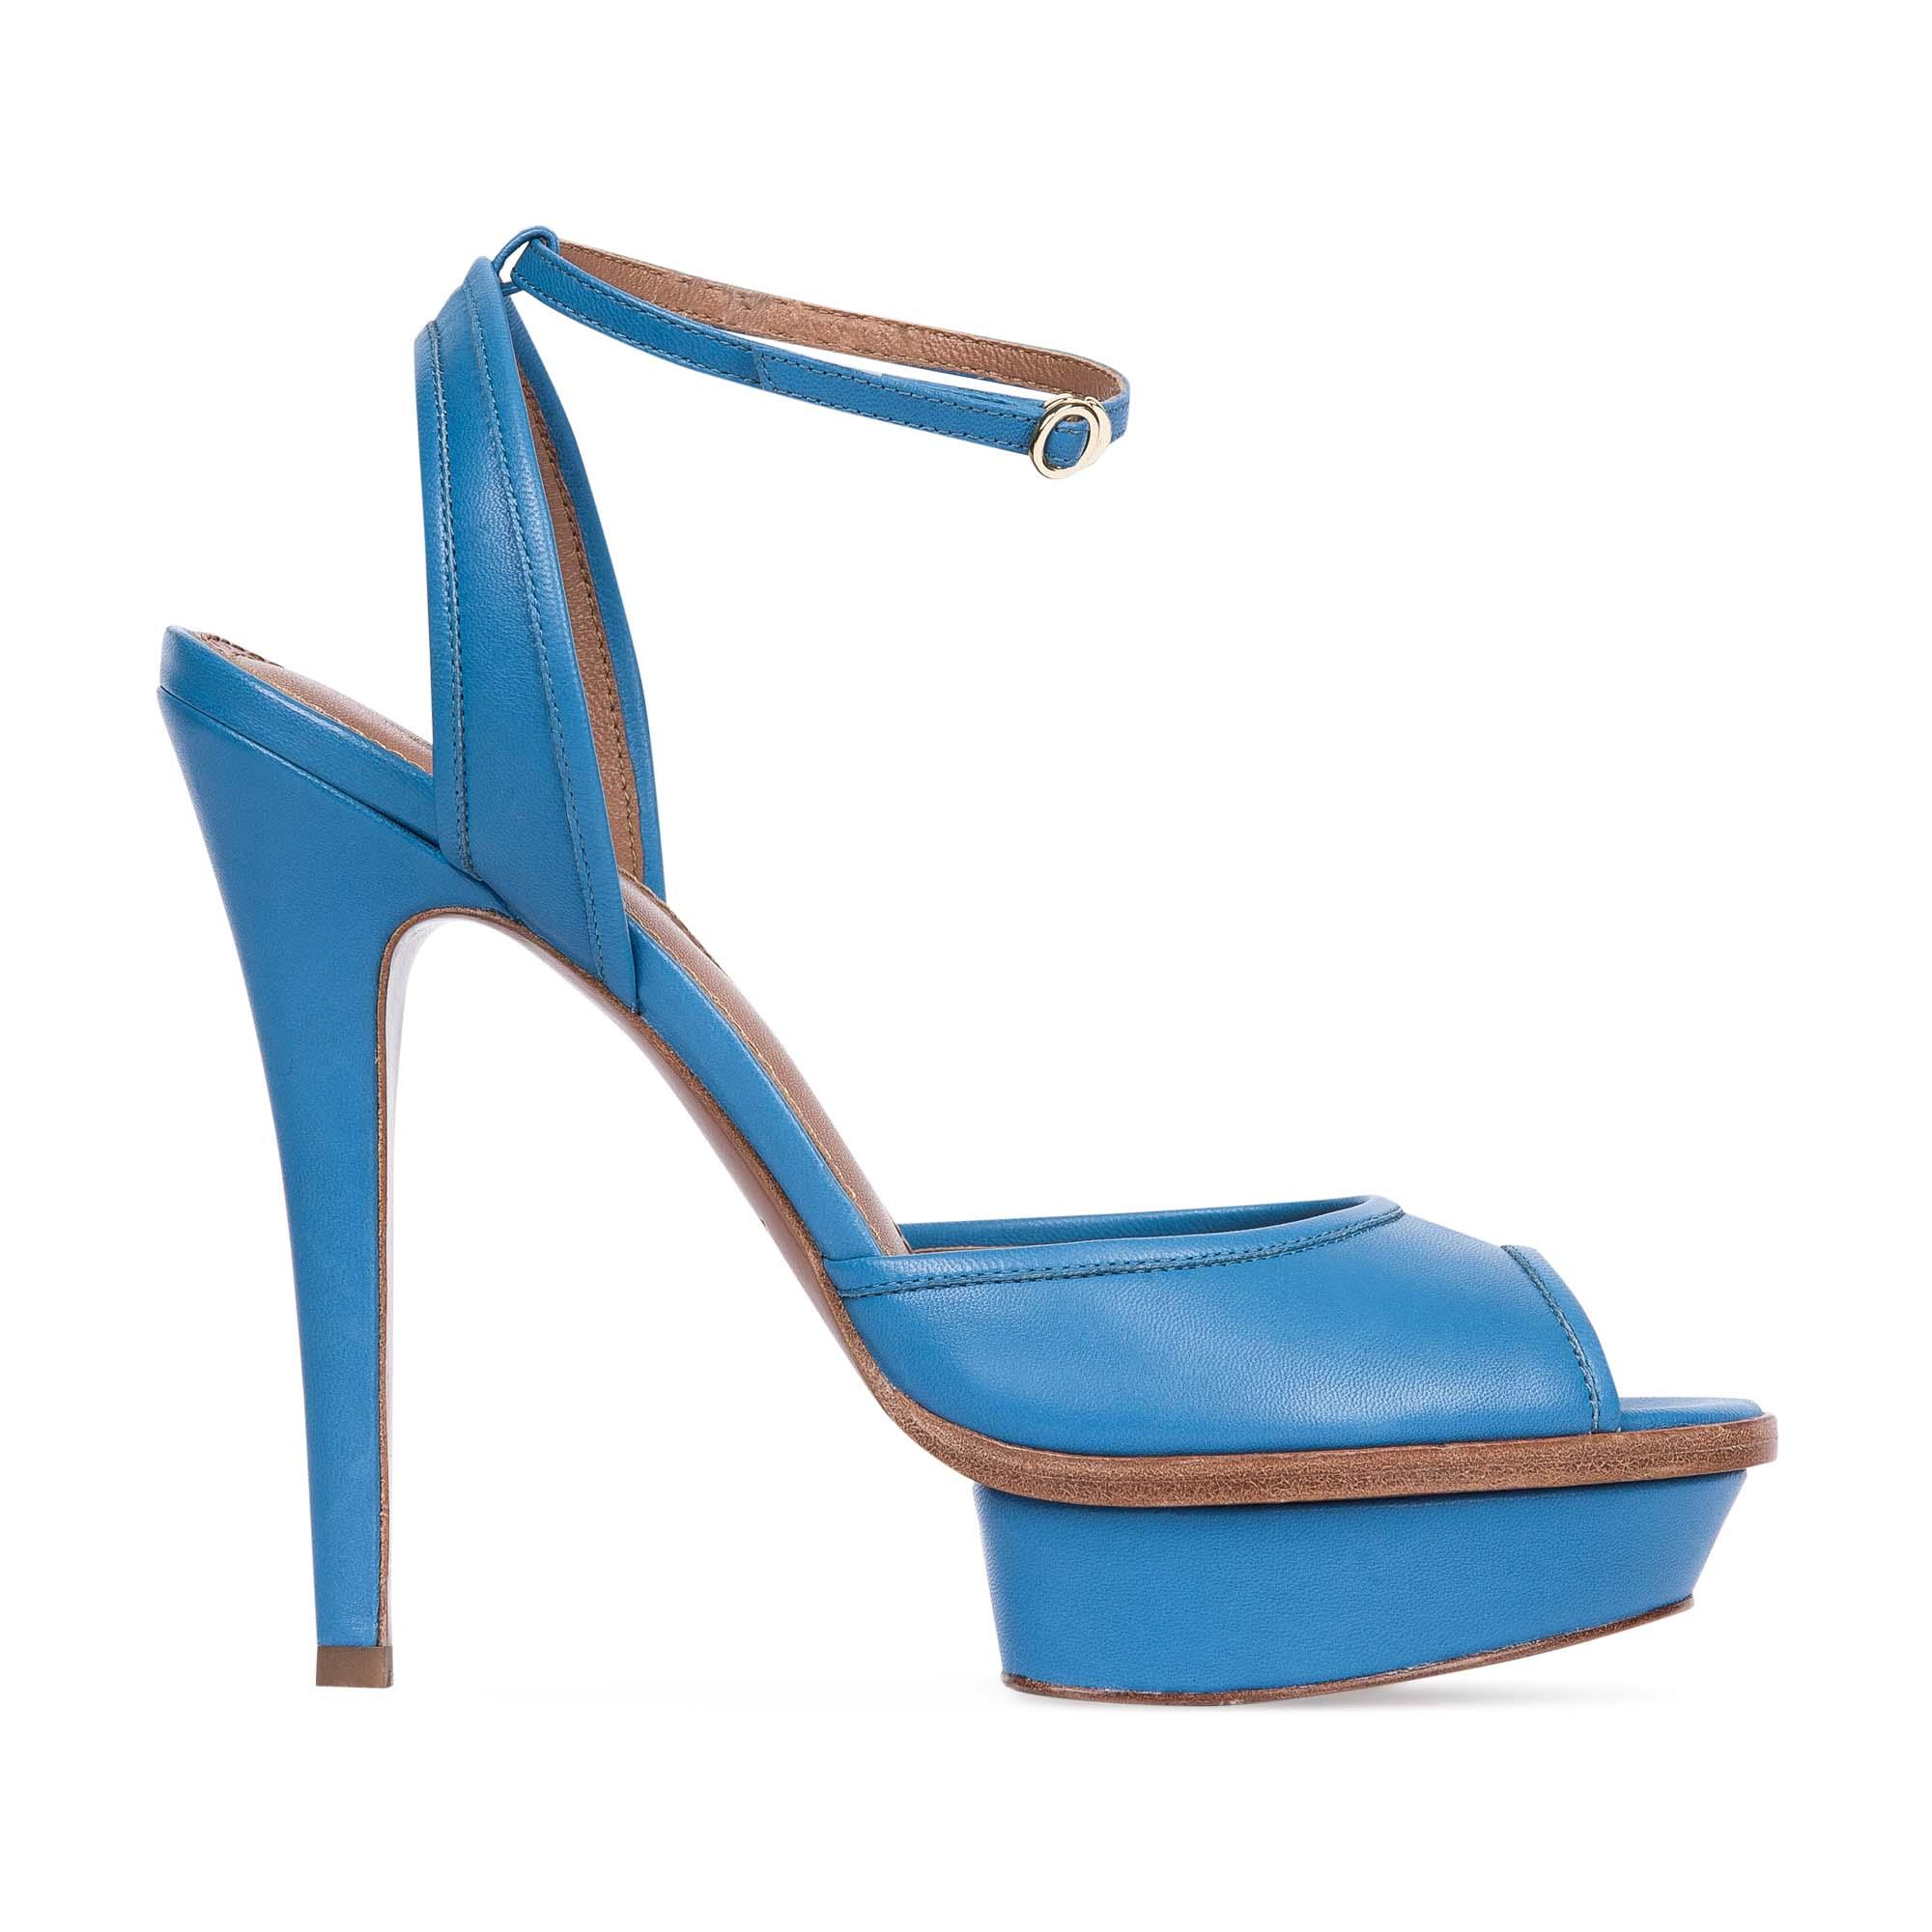 Босоножки из кожи лазурного цвета на высоком каблуке